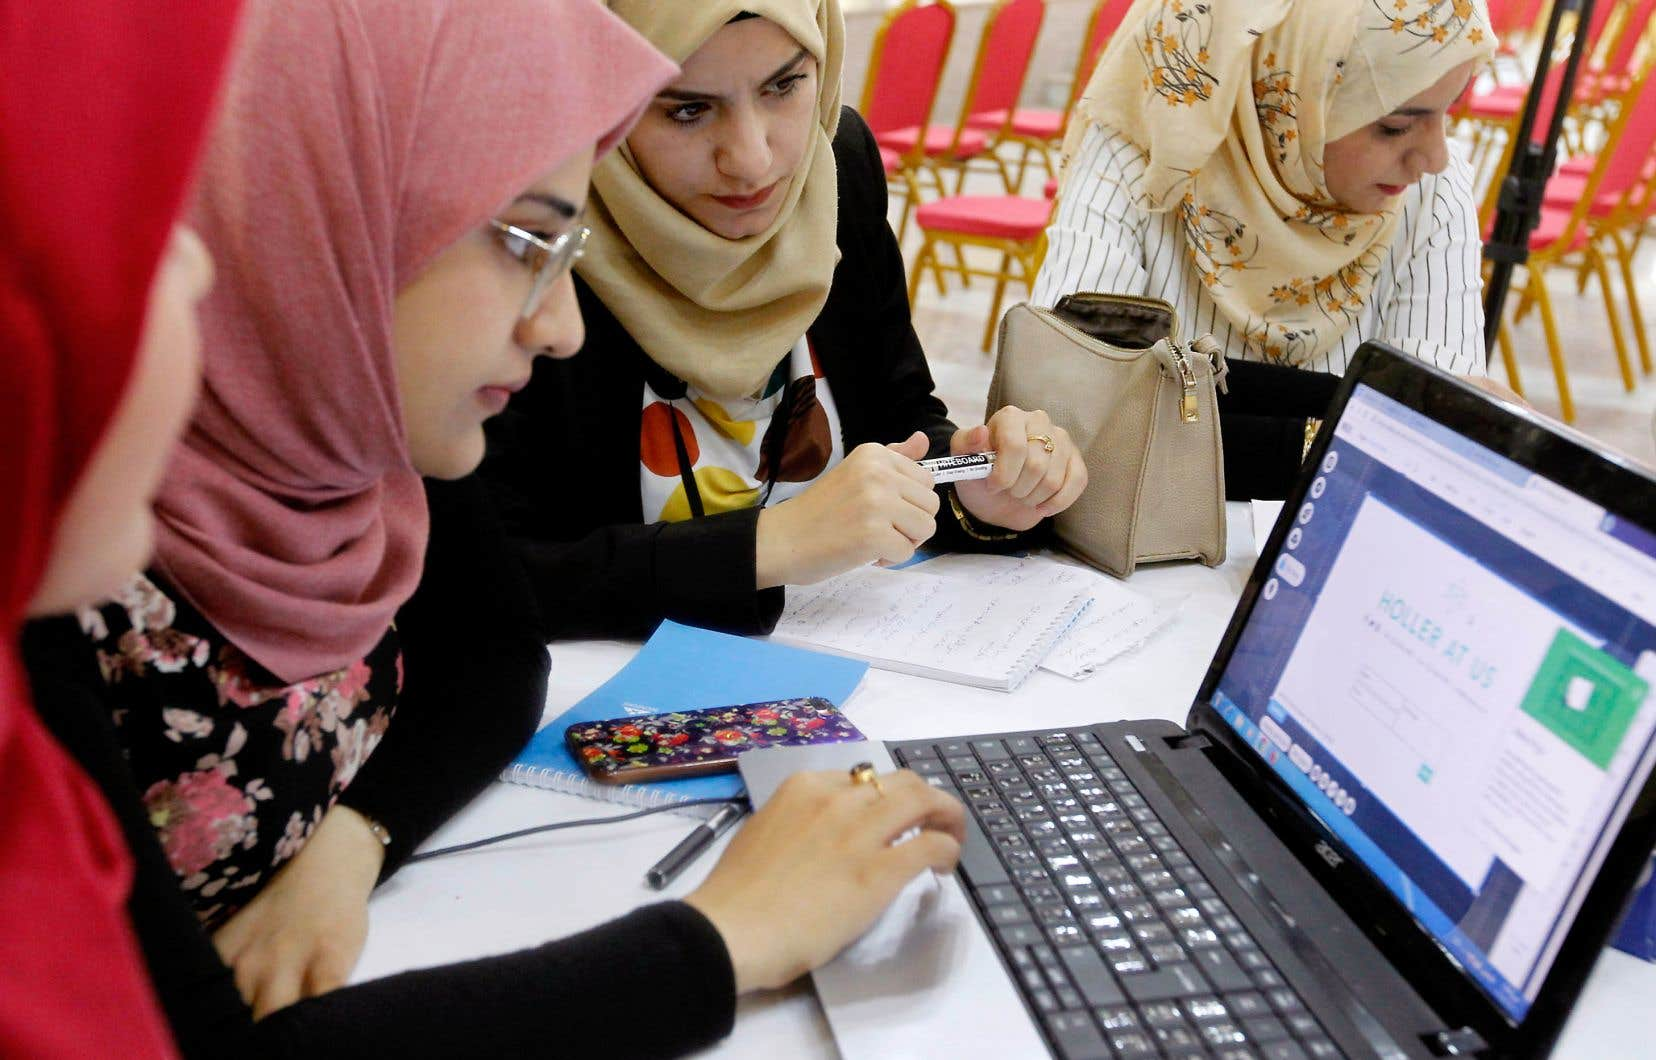 Des Irakiennes font partie de la vingtaine de jeunes entrepreneurs installés à The Station.